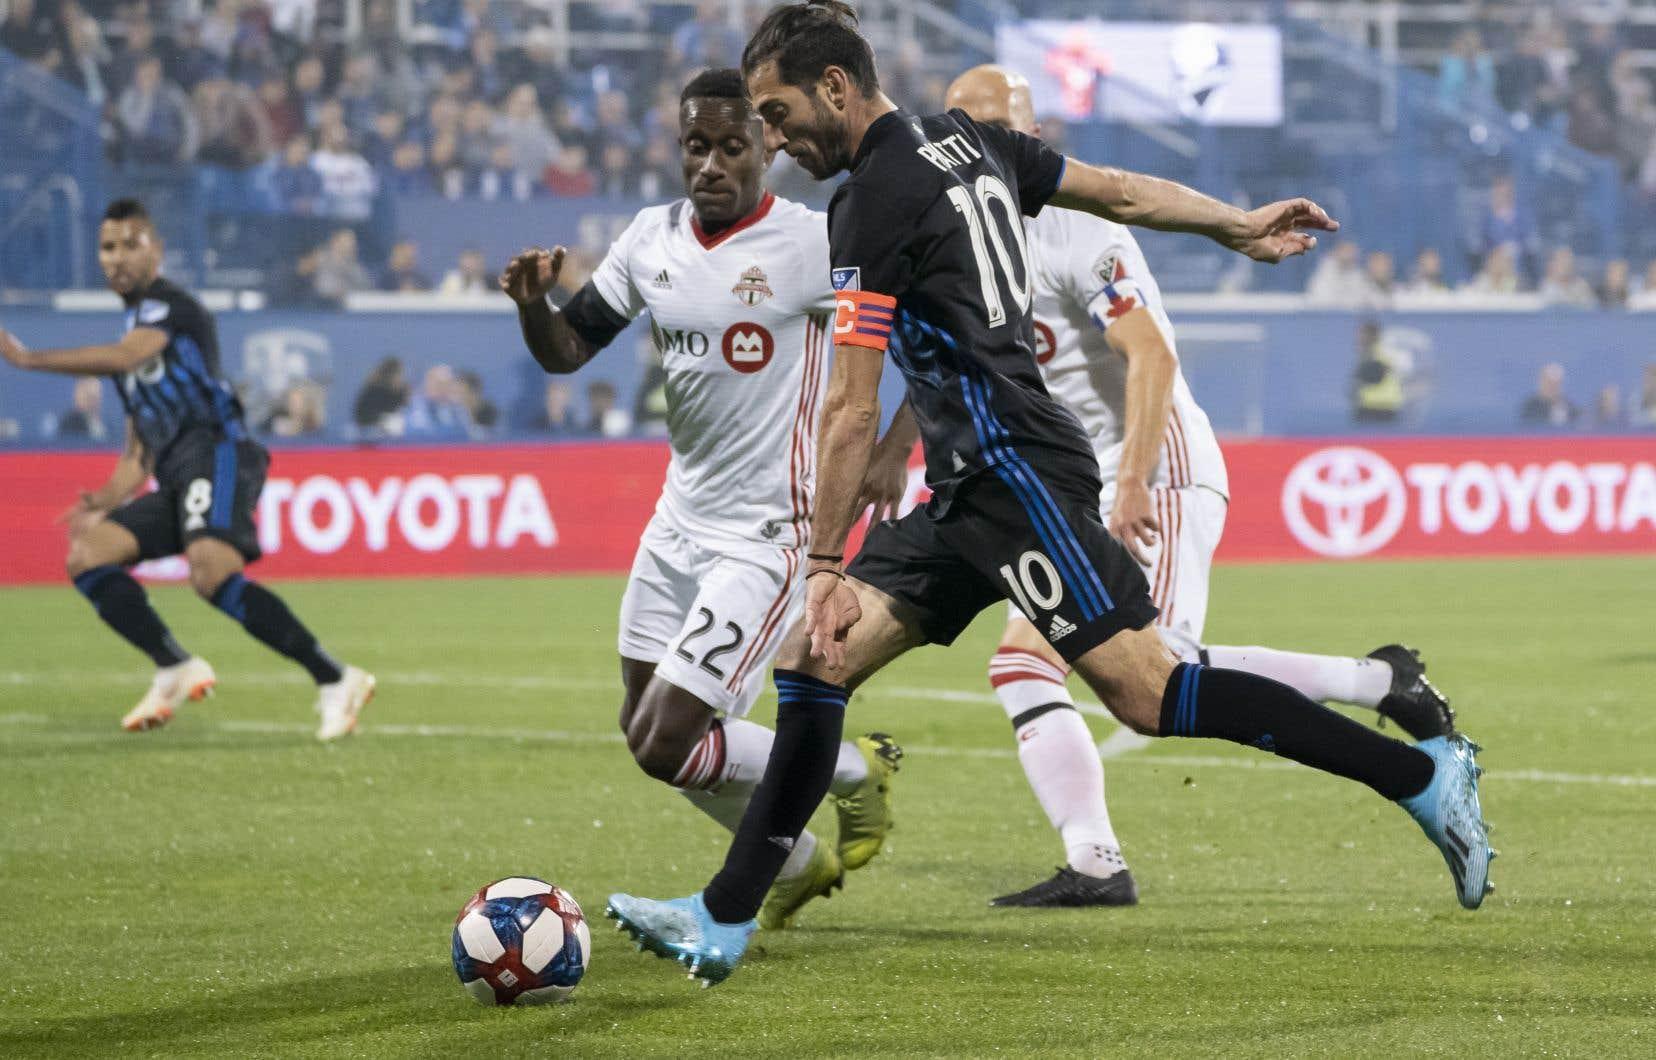 Ignacio Piatti,qui a obtenu une quantité d'occasions de marquer lors de cet affrontement, a marqué son quatrième but du tournoi, permettant à son équipe de mener 1-0 dans cette finale.